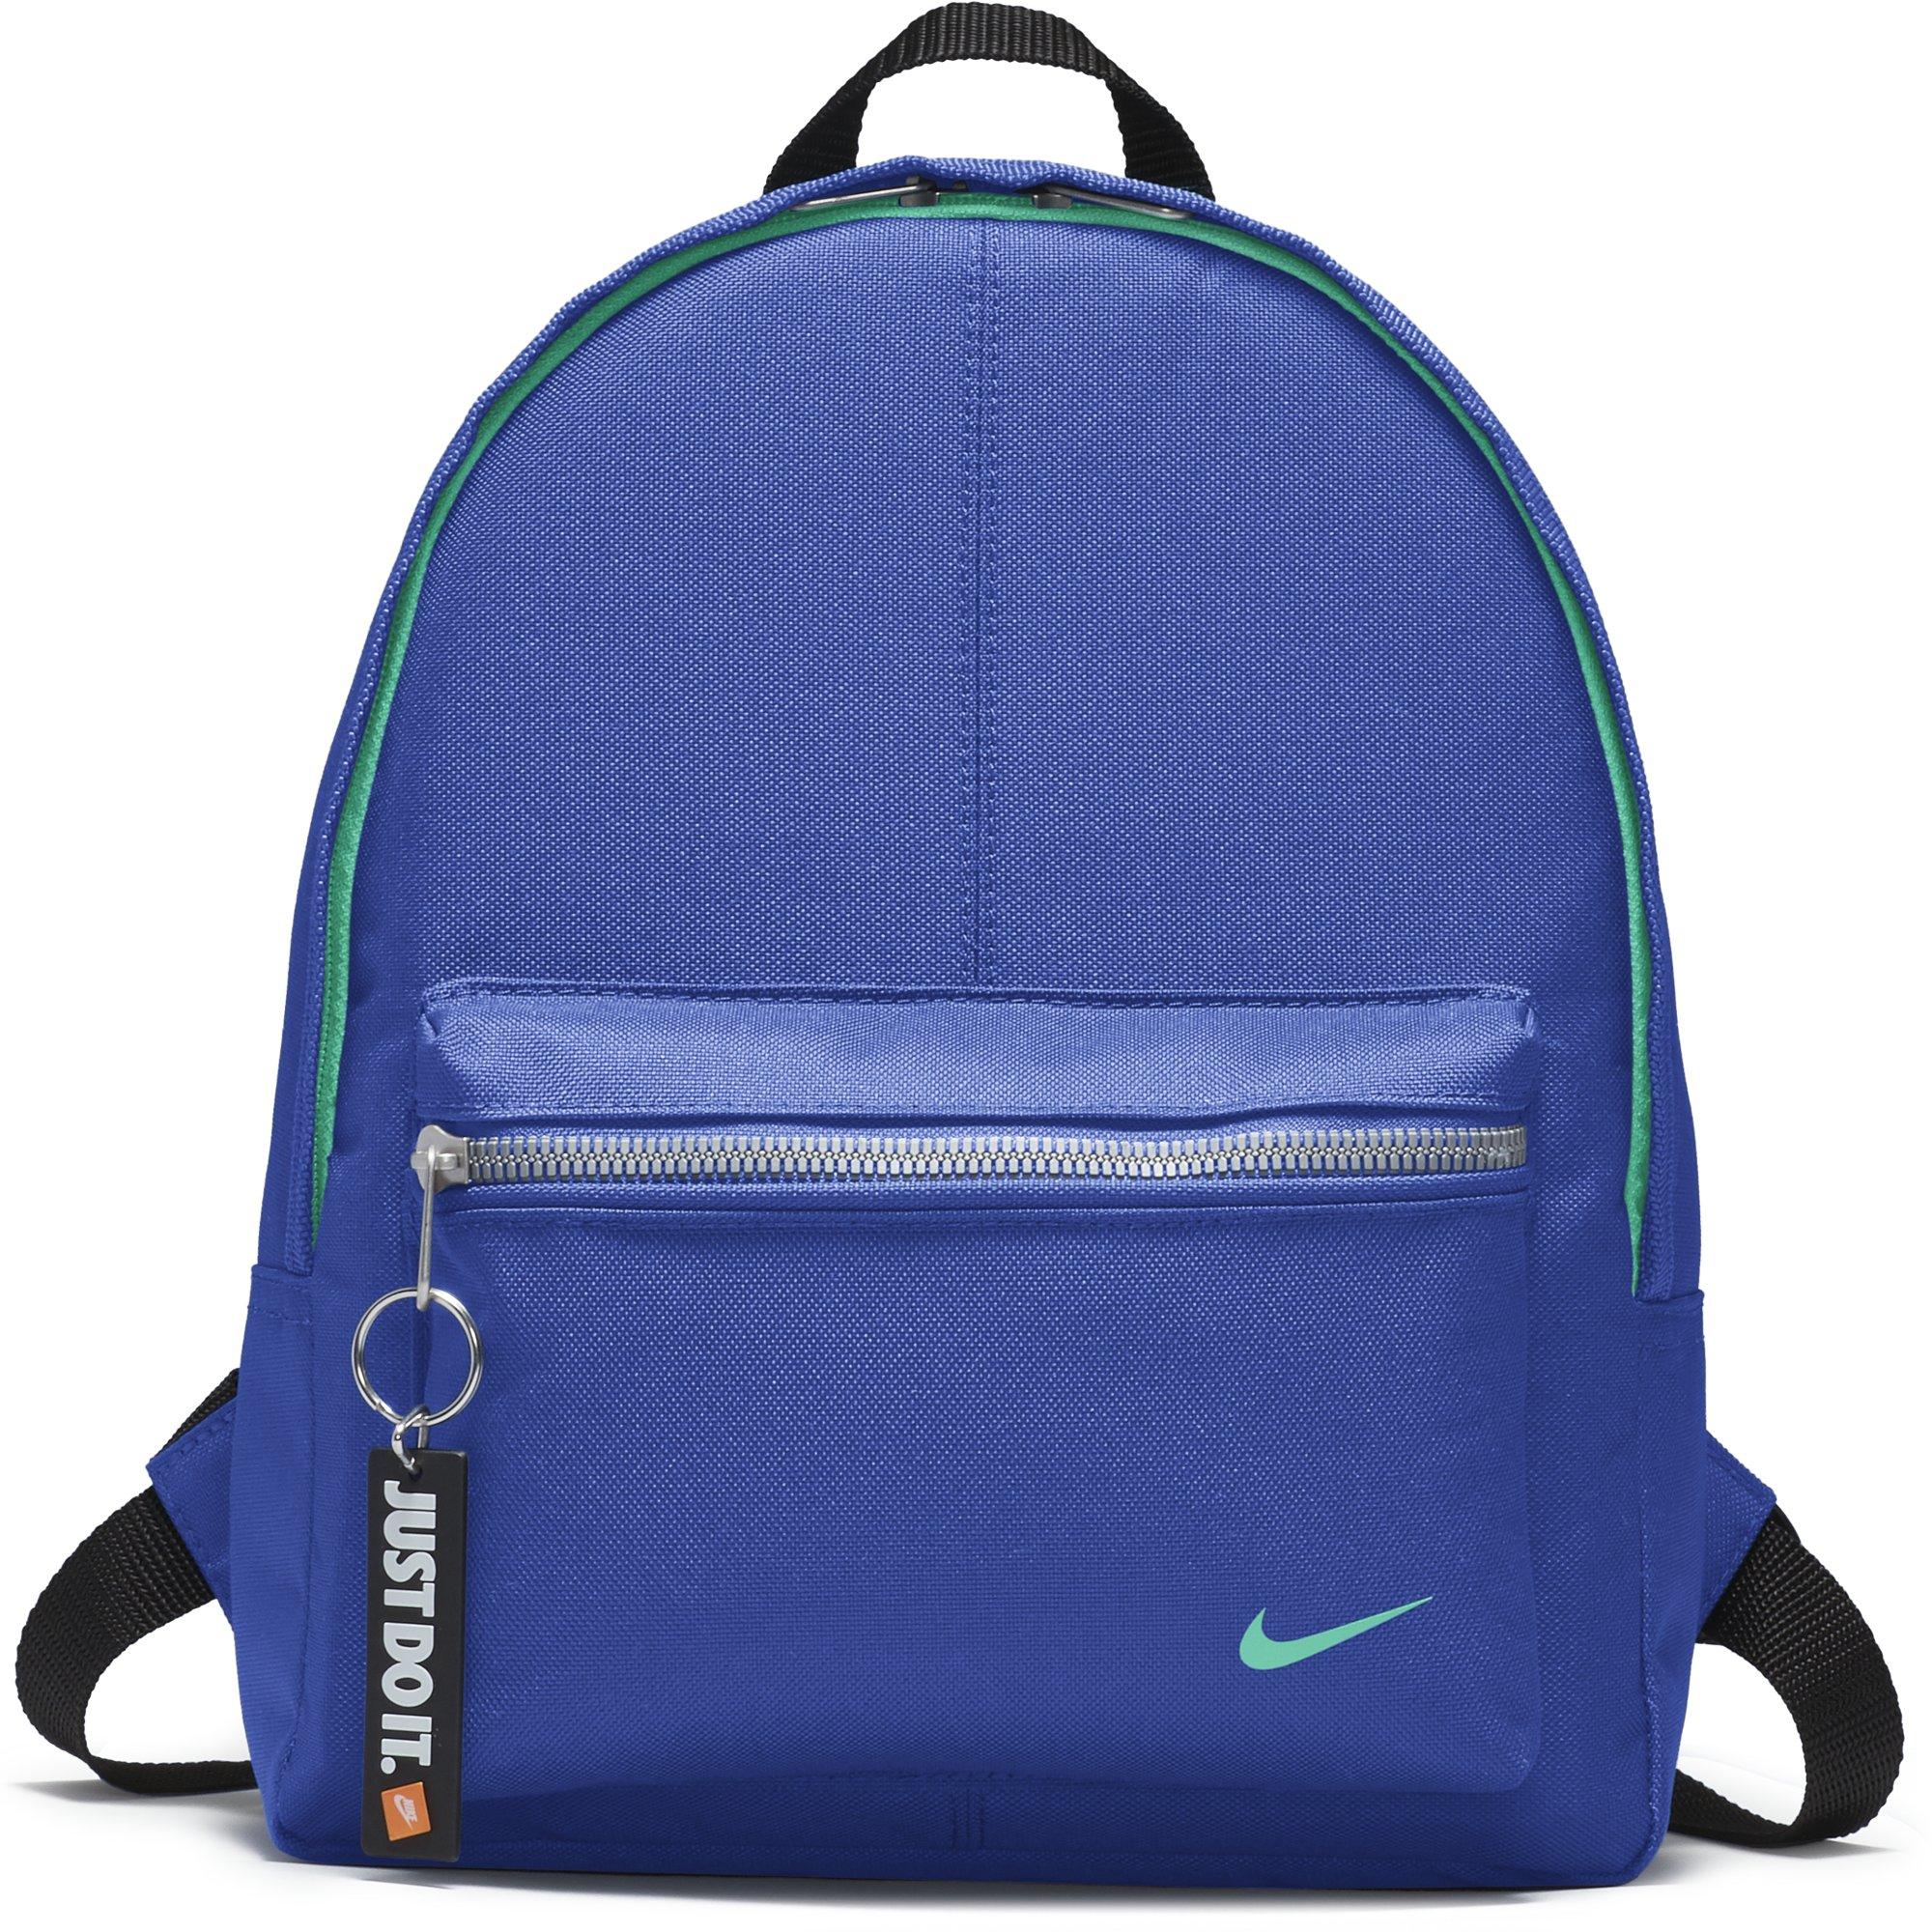 Plecak, plecaczek Nike Young Athletes BA4606-461